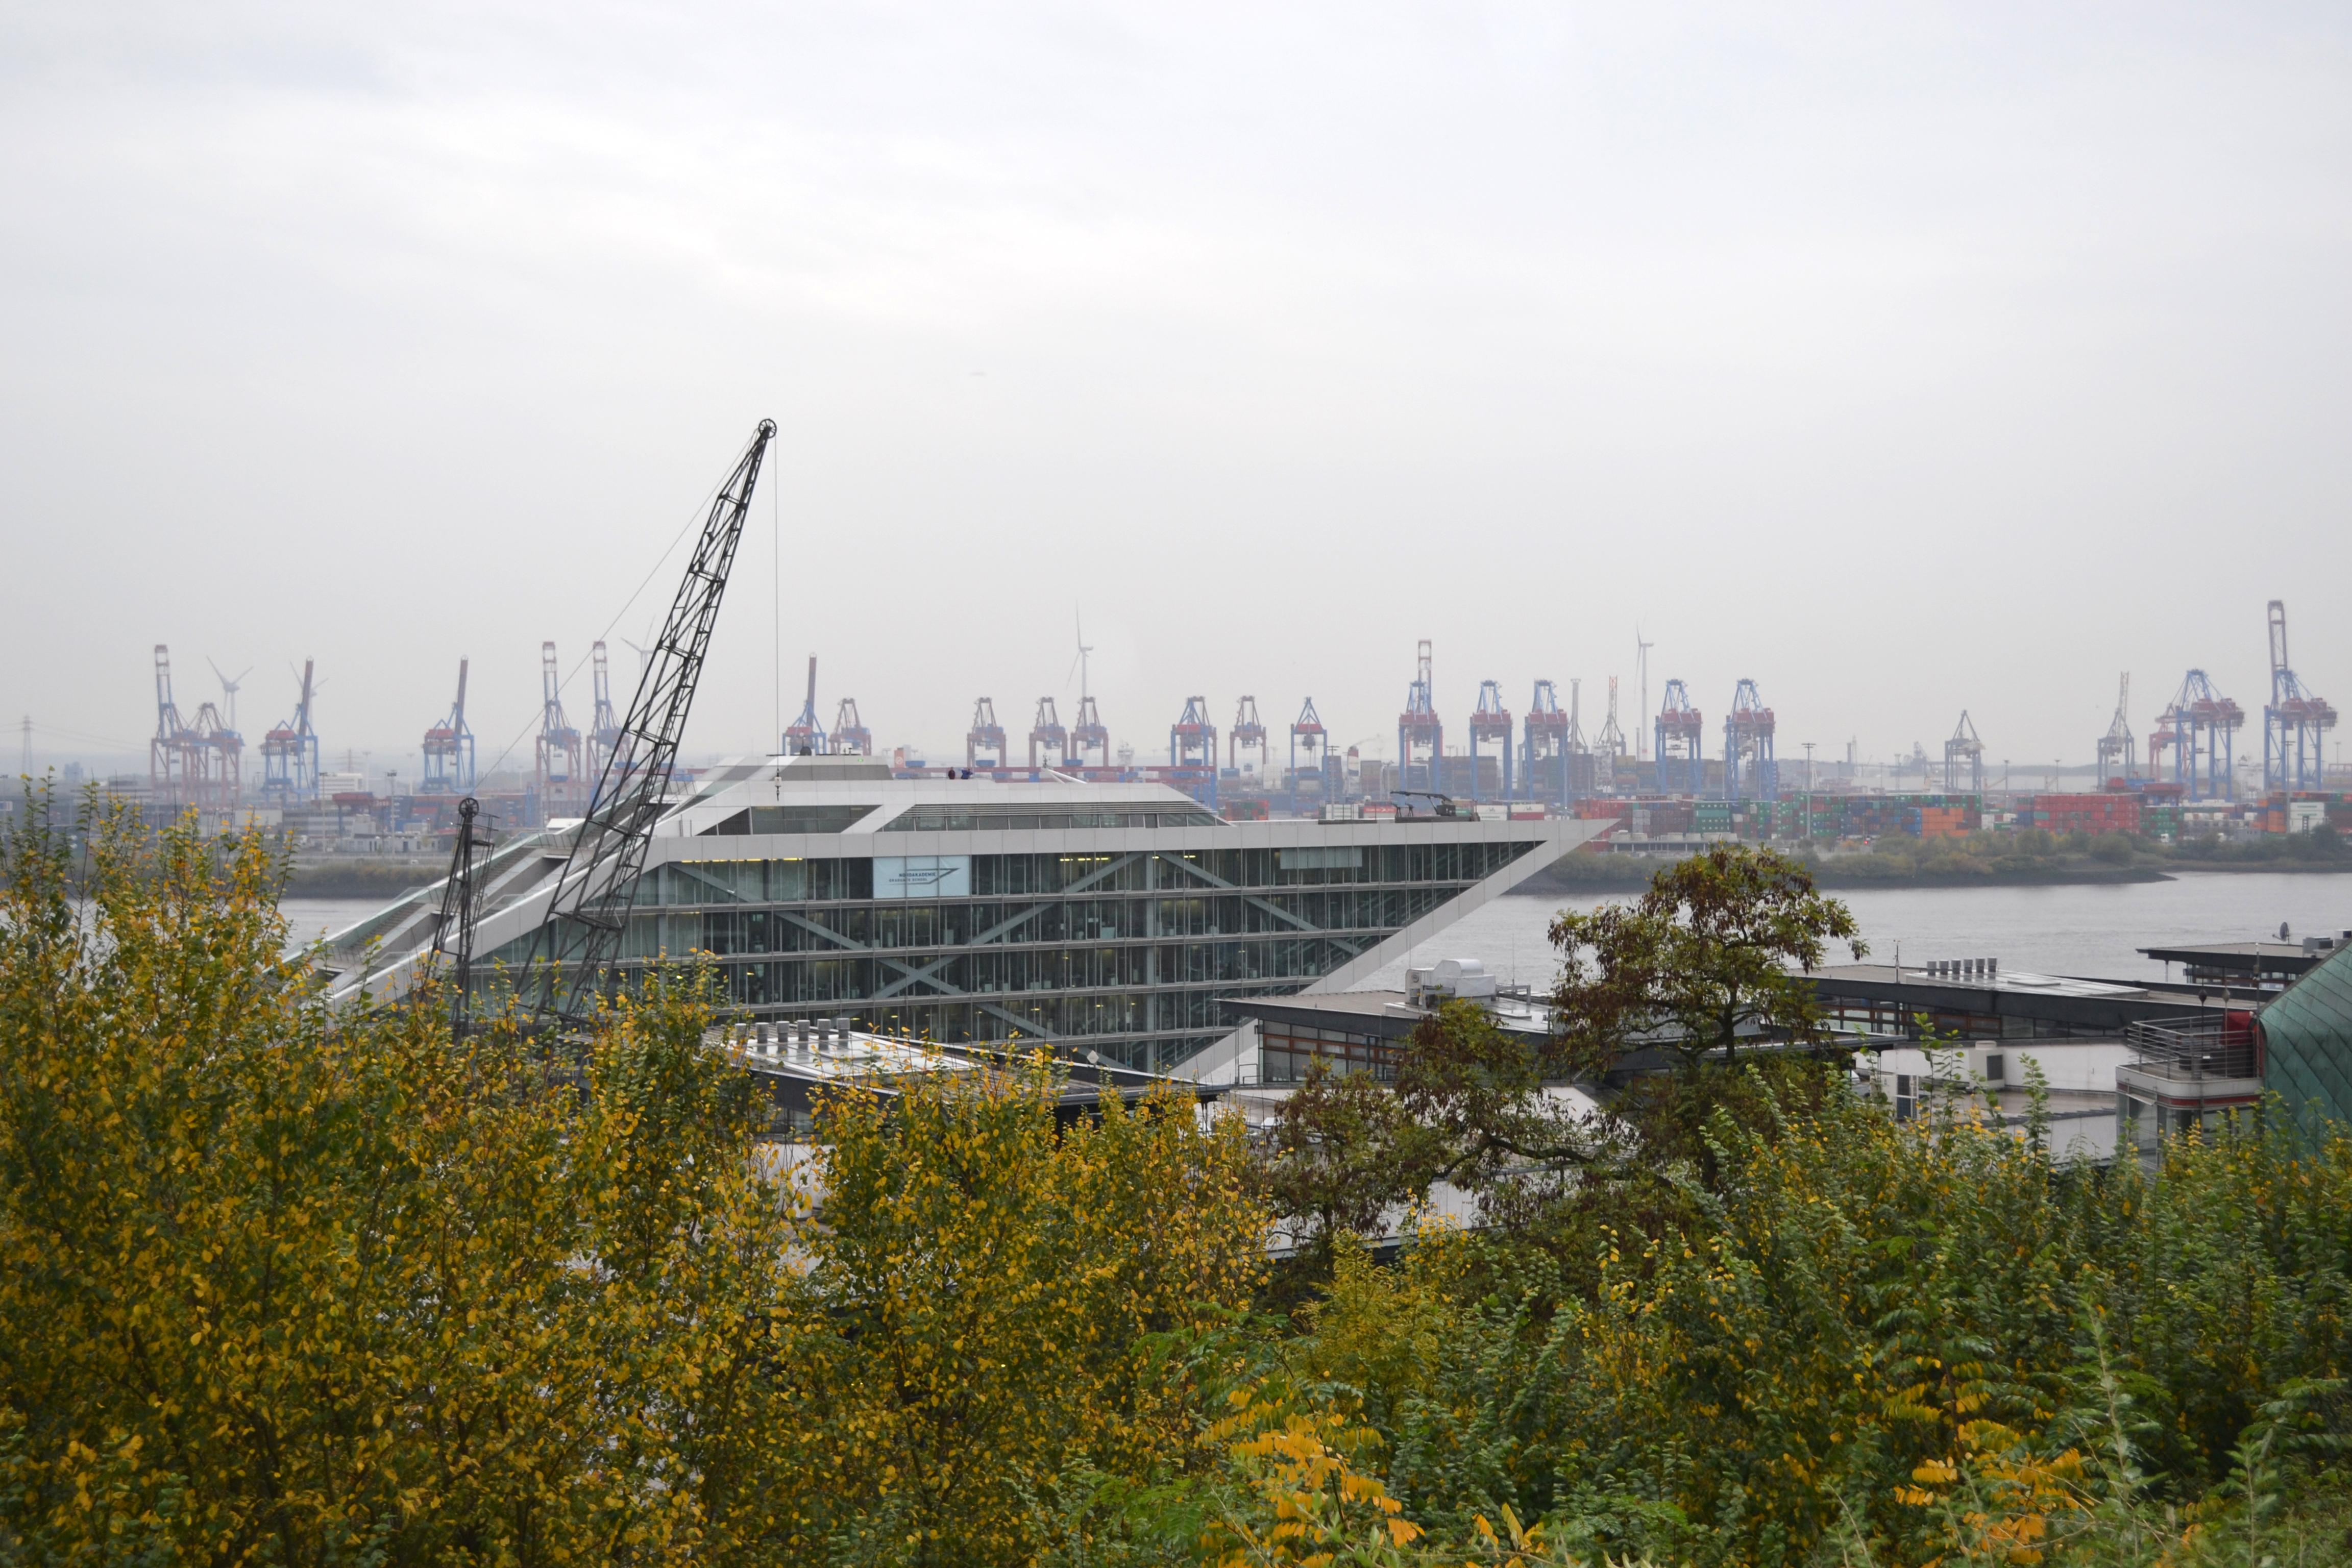 Ausblick vom Altonaer Balkon auf das Gebäude der NSC Schiffahrtsgesellschaft mbH & Cie. KG Reederei